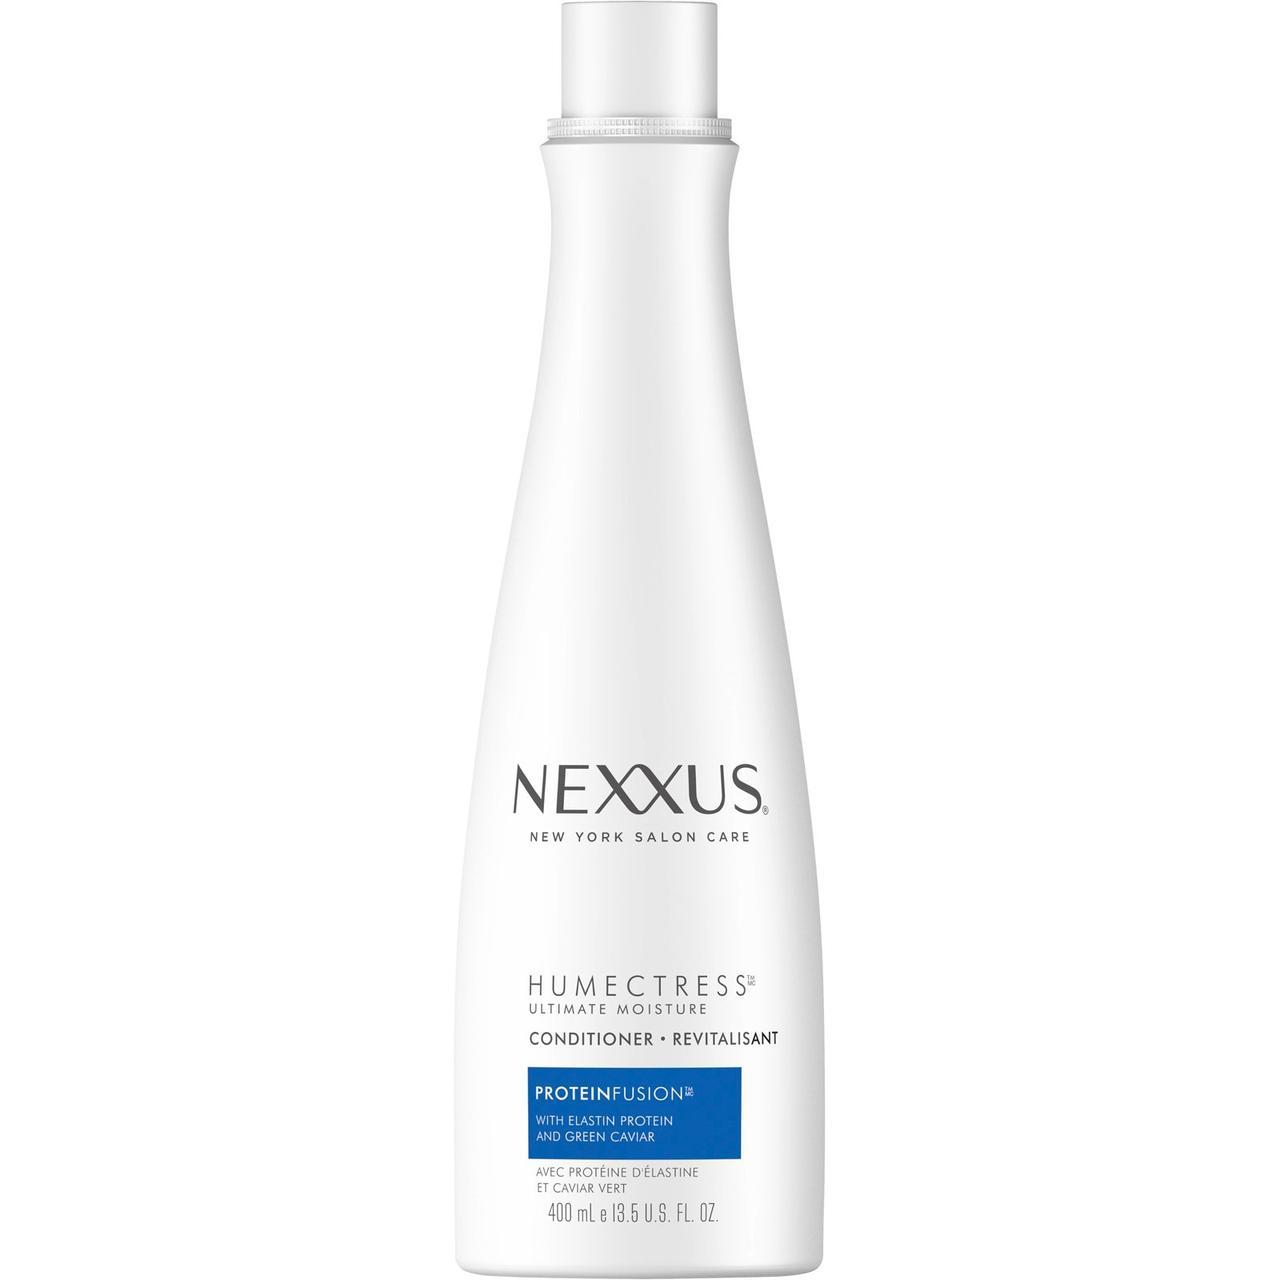 Кондиционер для максимального увлажнения волос Humectress, 400 мл, Nexxus